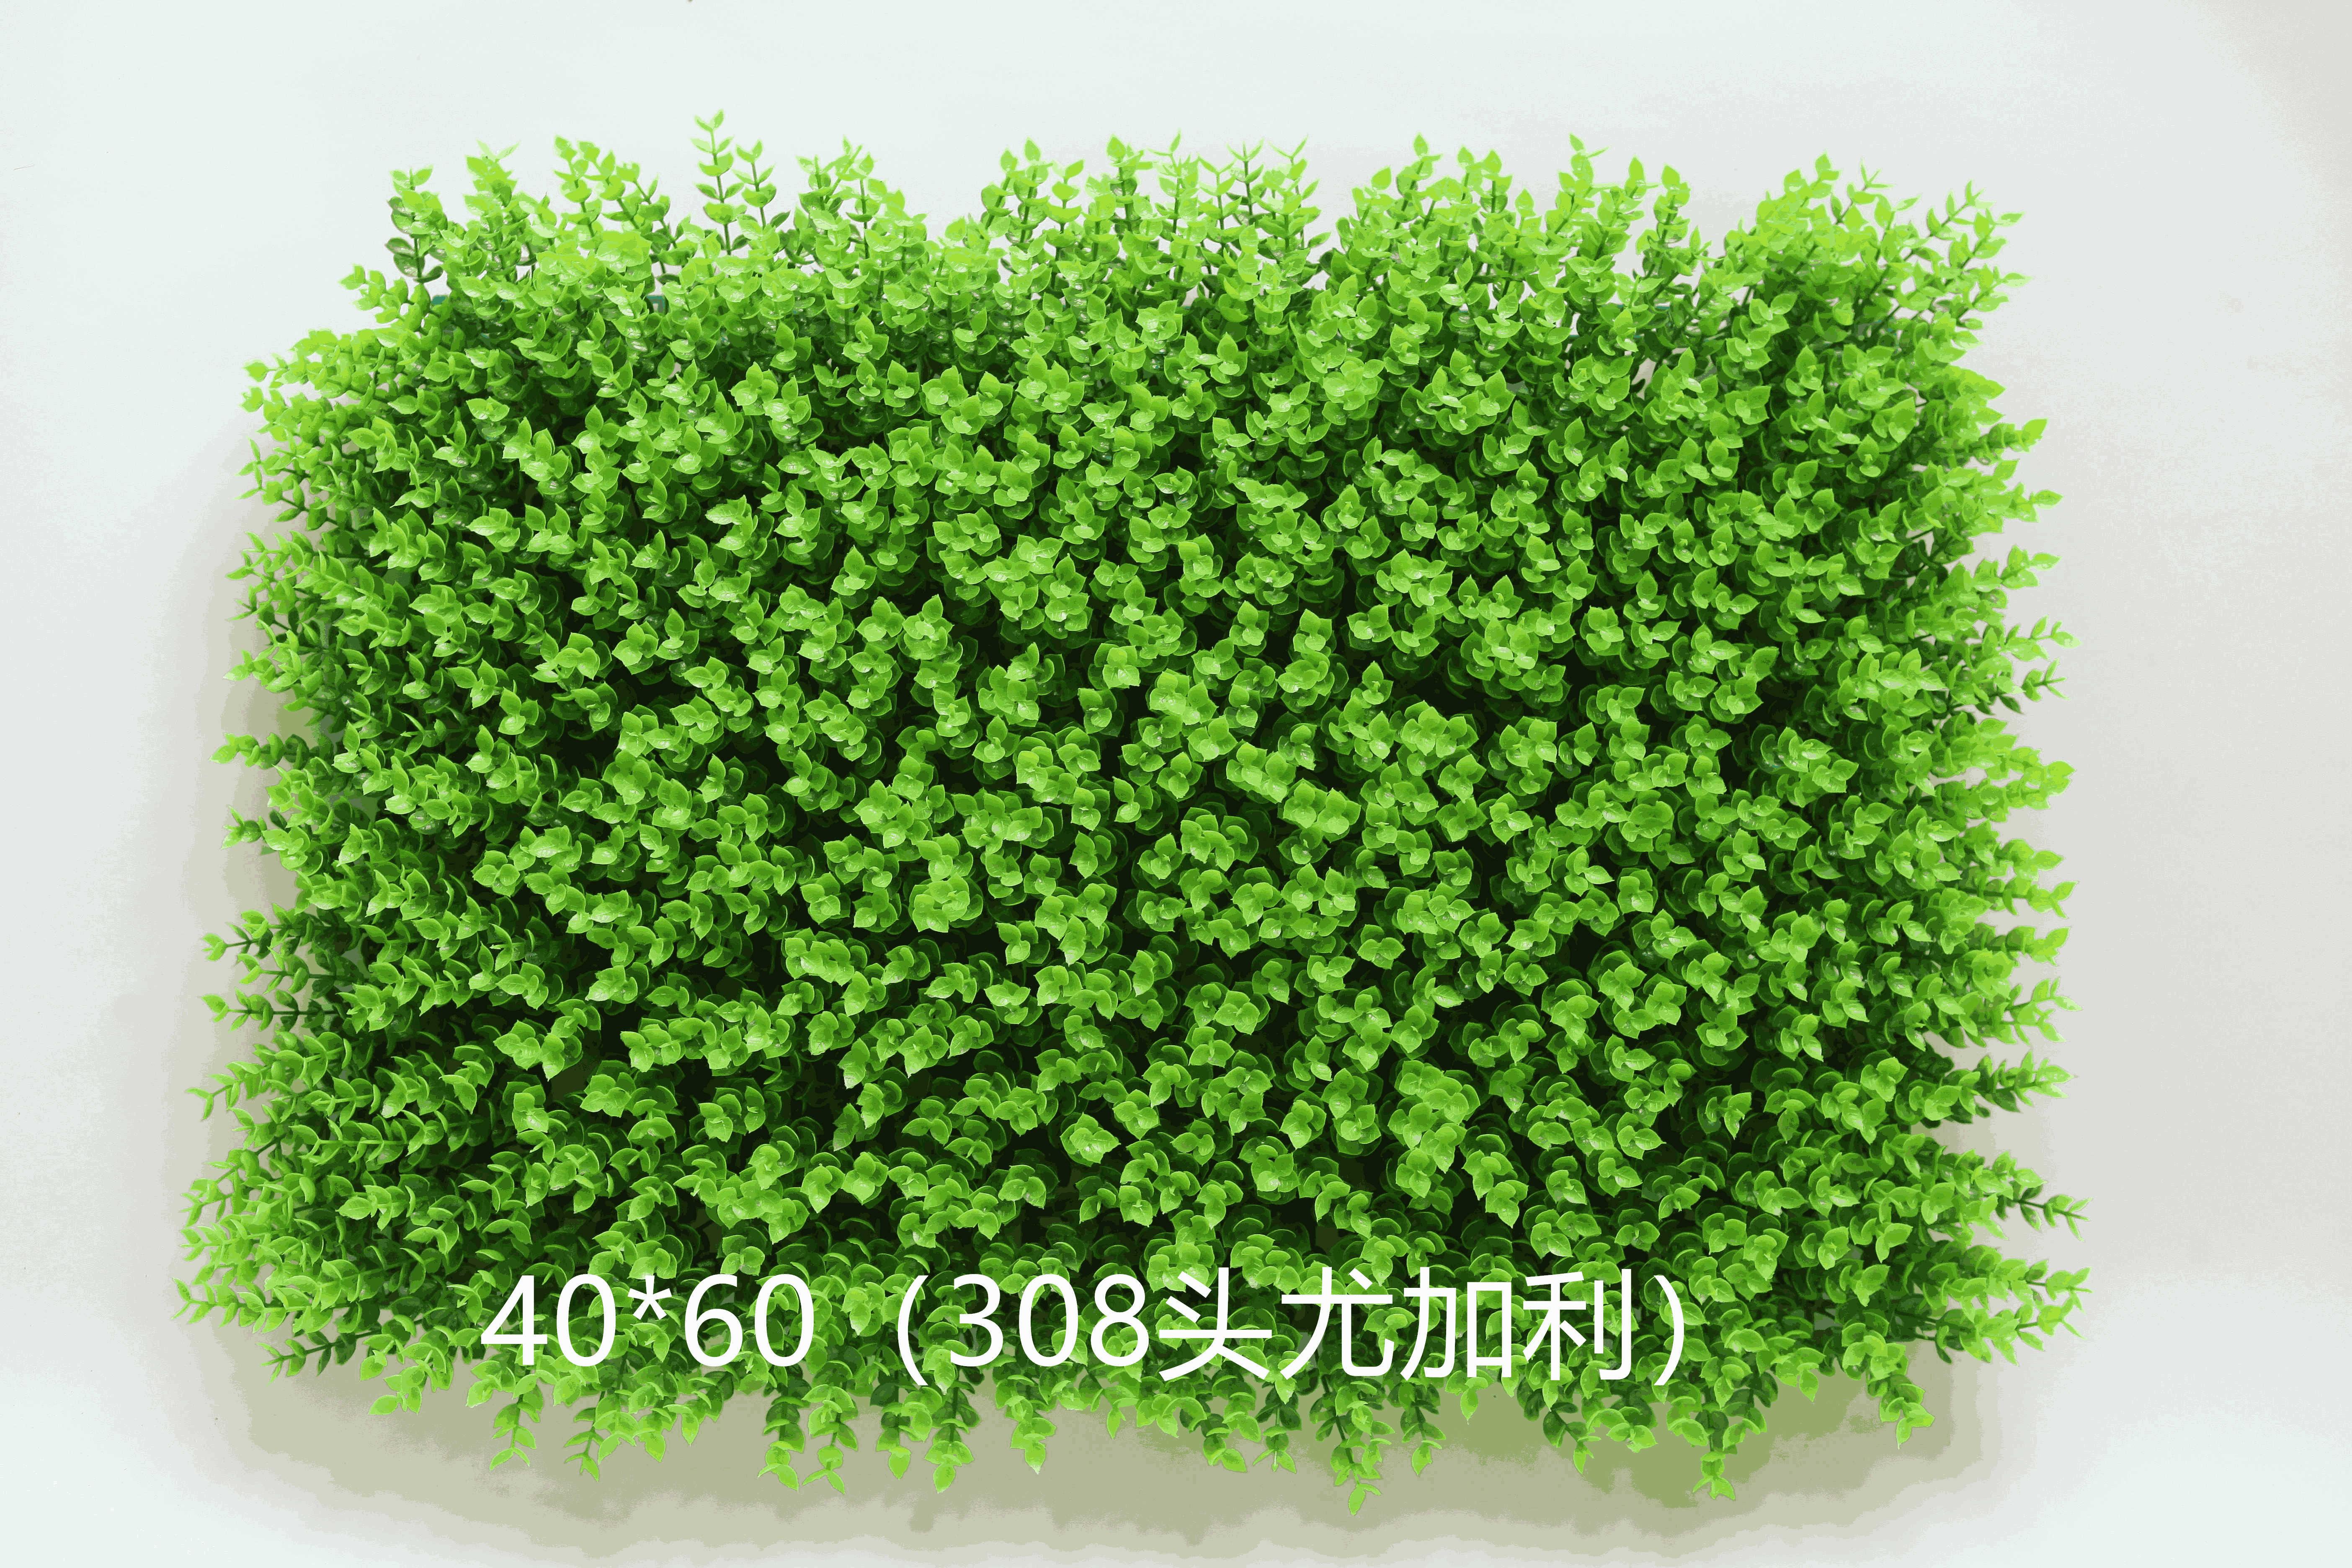 人工草坪垫子假草皮仿真尤加利人造塑料绿色花草植物墙面室内装饰